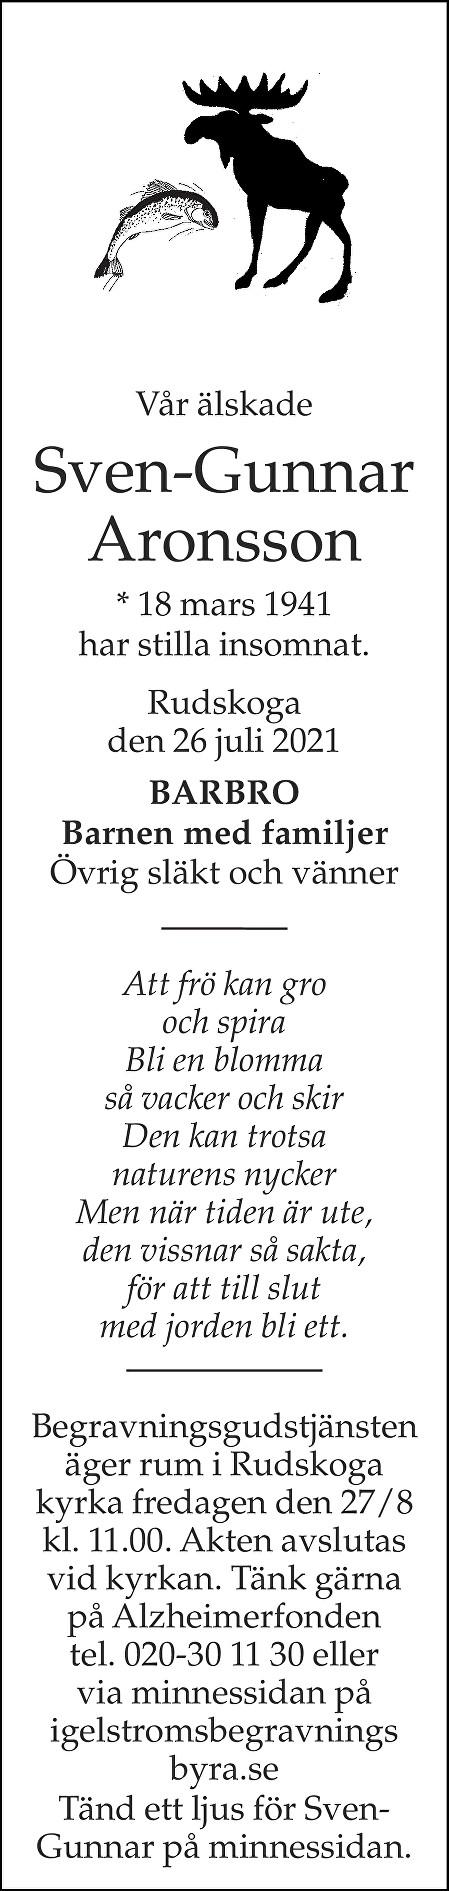 Sven-Gunnar Aronsson Death notice